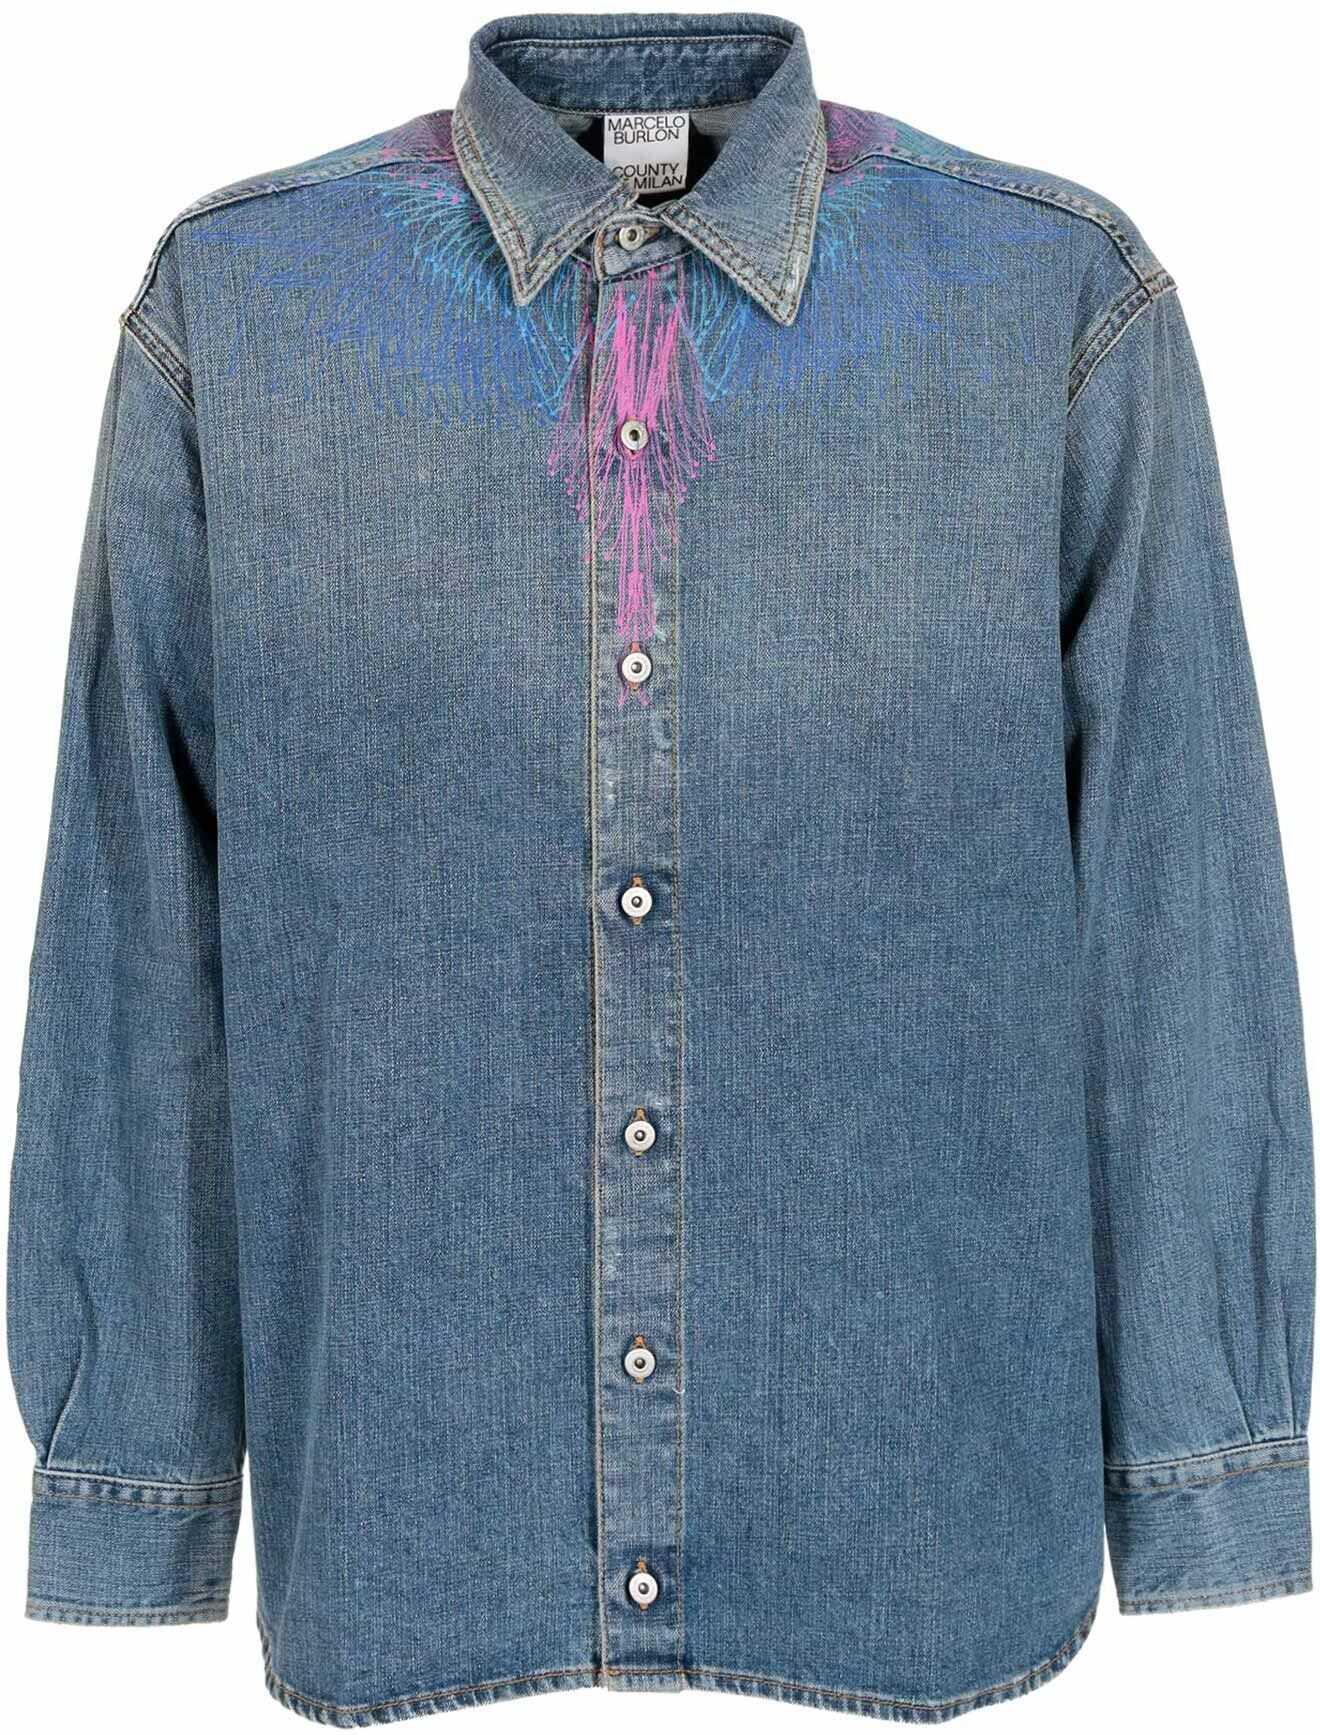 Marcelo Burlon Bezier Wings Light Stone Shirt In Light Blue Light Blue imagine